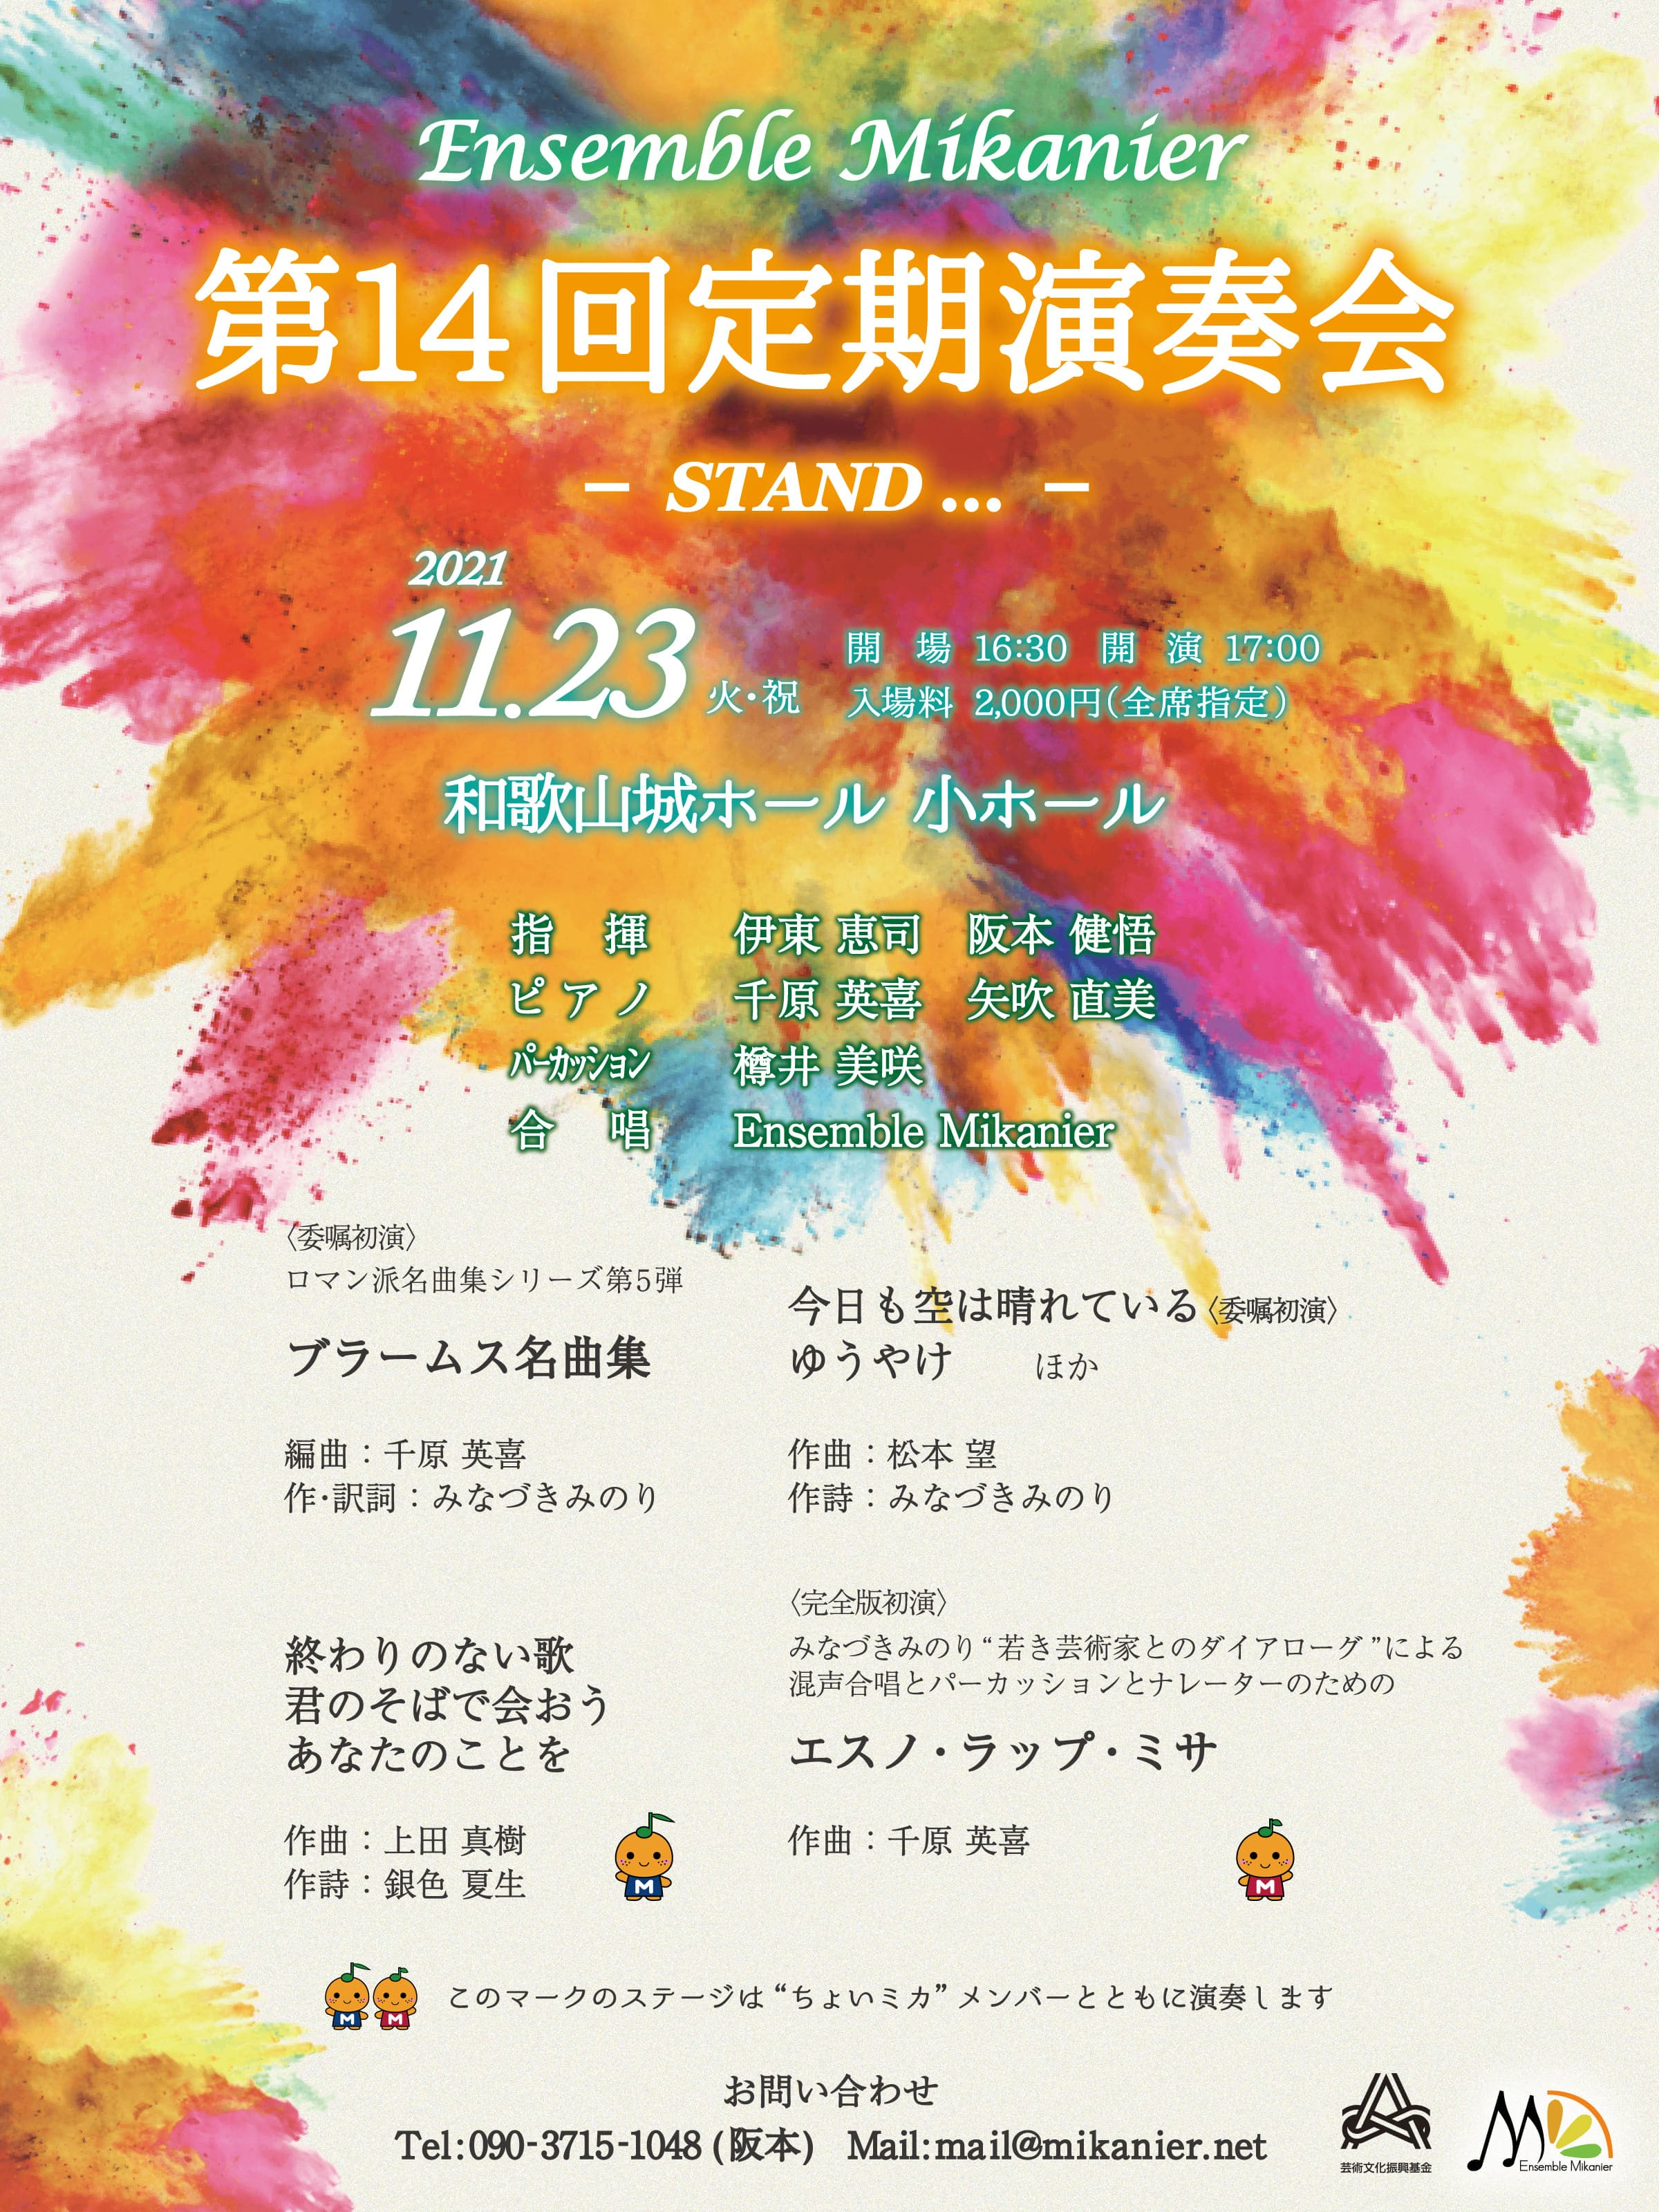 Ensemble Mikanier第14回定期演奏会 - STAND … -